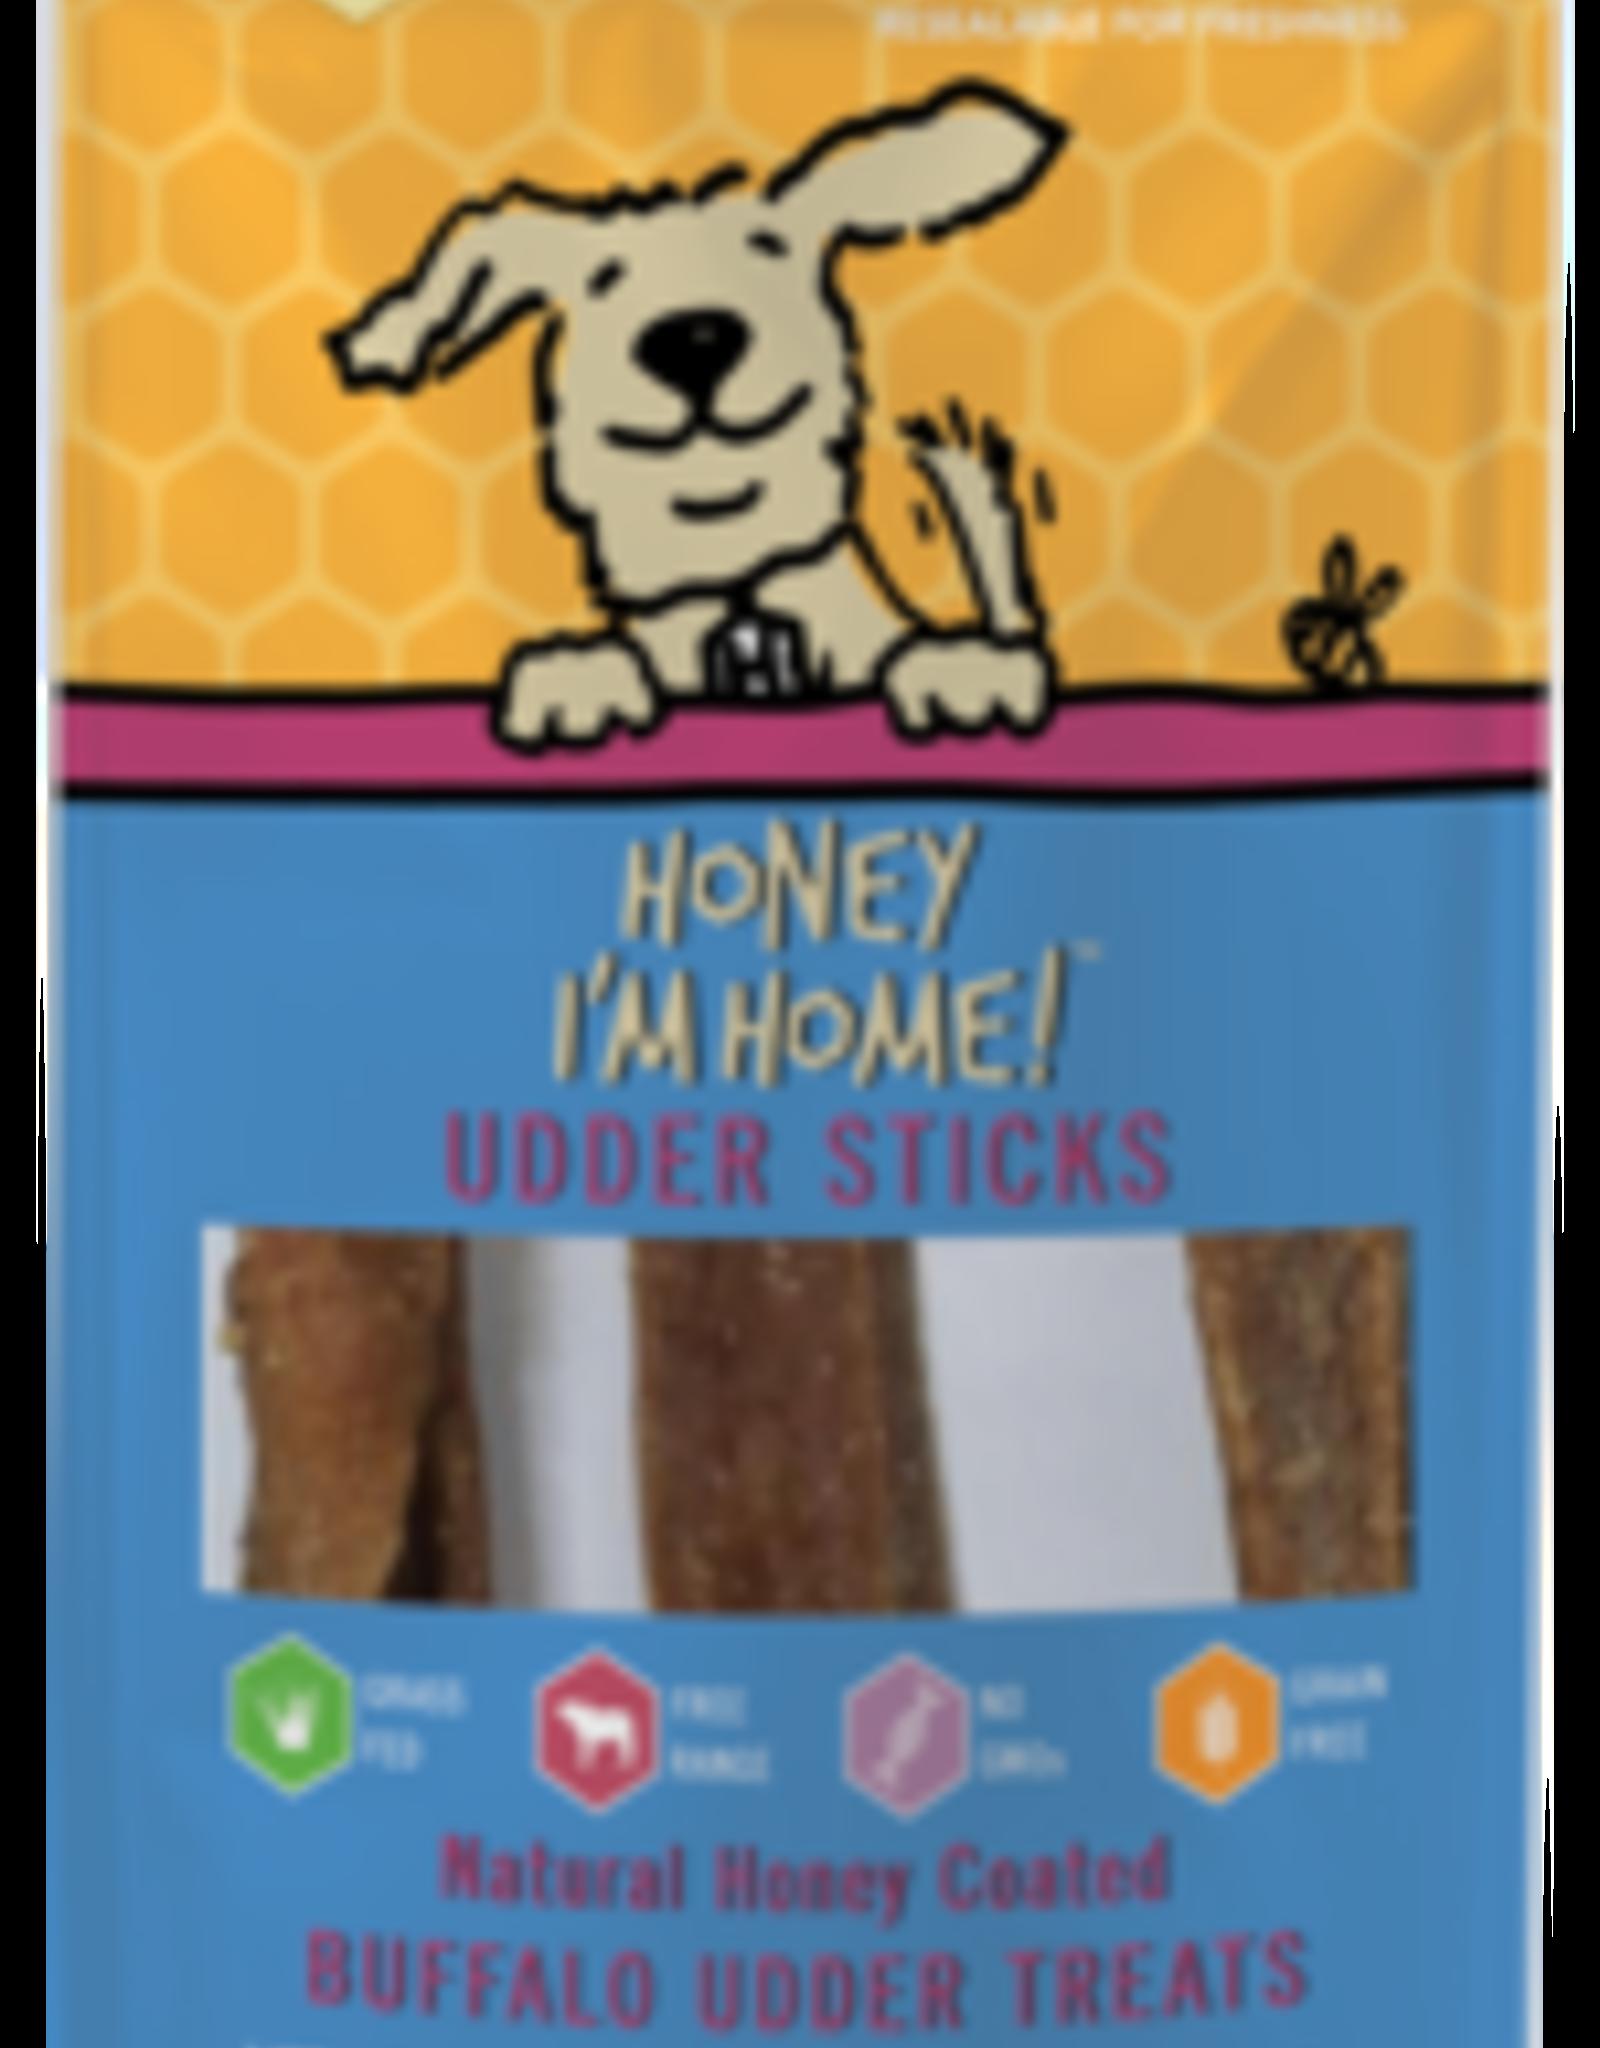 Honey I'm Home Honey I'm Home Buffalo Udder Sticks 4oz